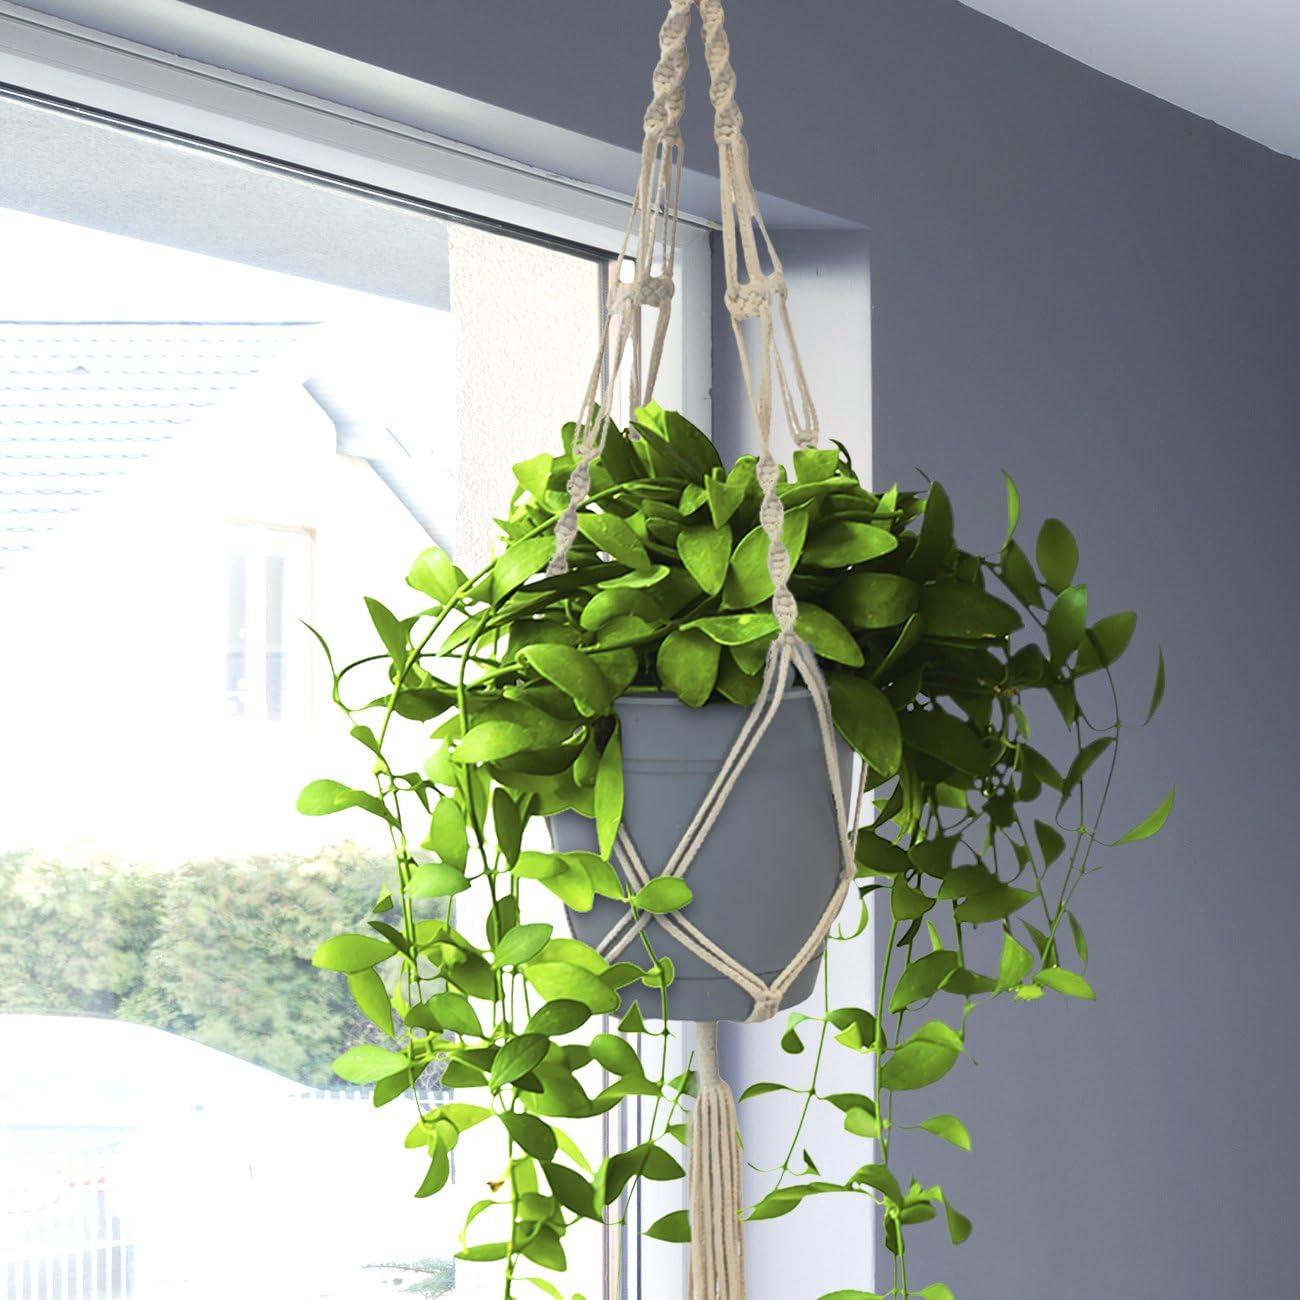 Sorbus Macrame Plant Hanger 4 Pack Indoor Outdoor Hanging Plant Pots Cotton Rope, Elegant for Home, Patio, Garden